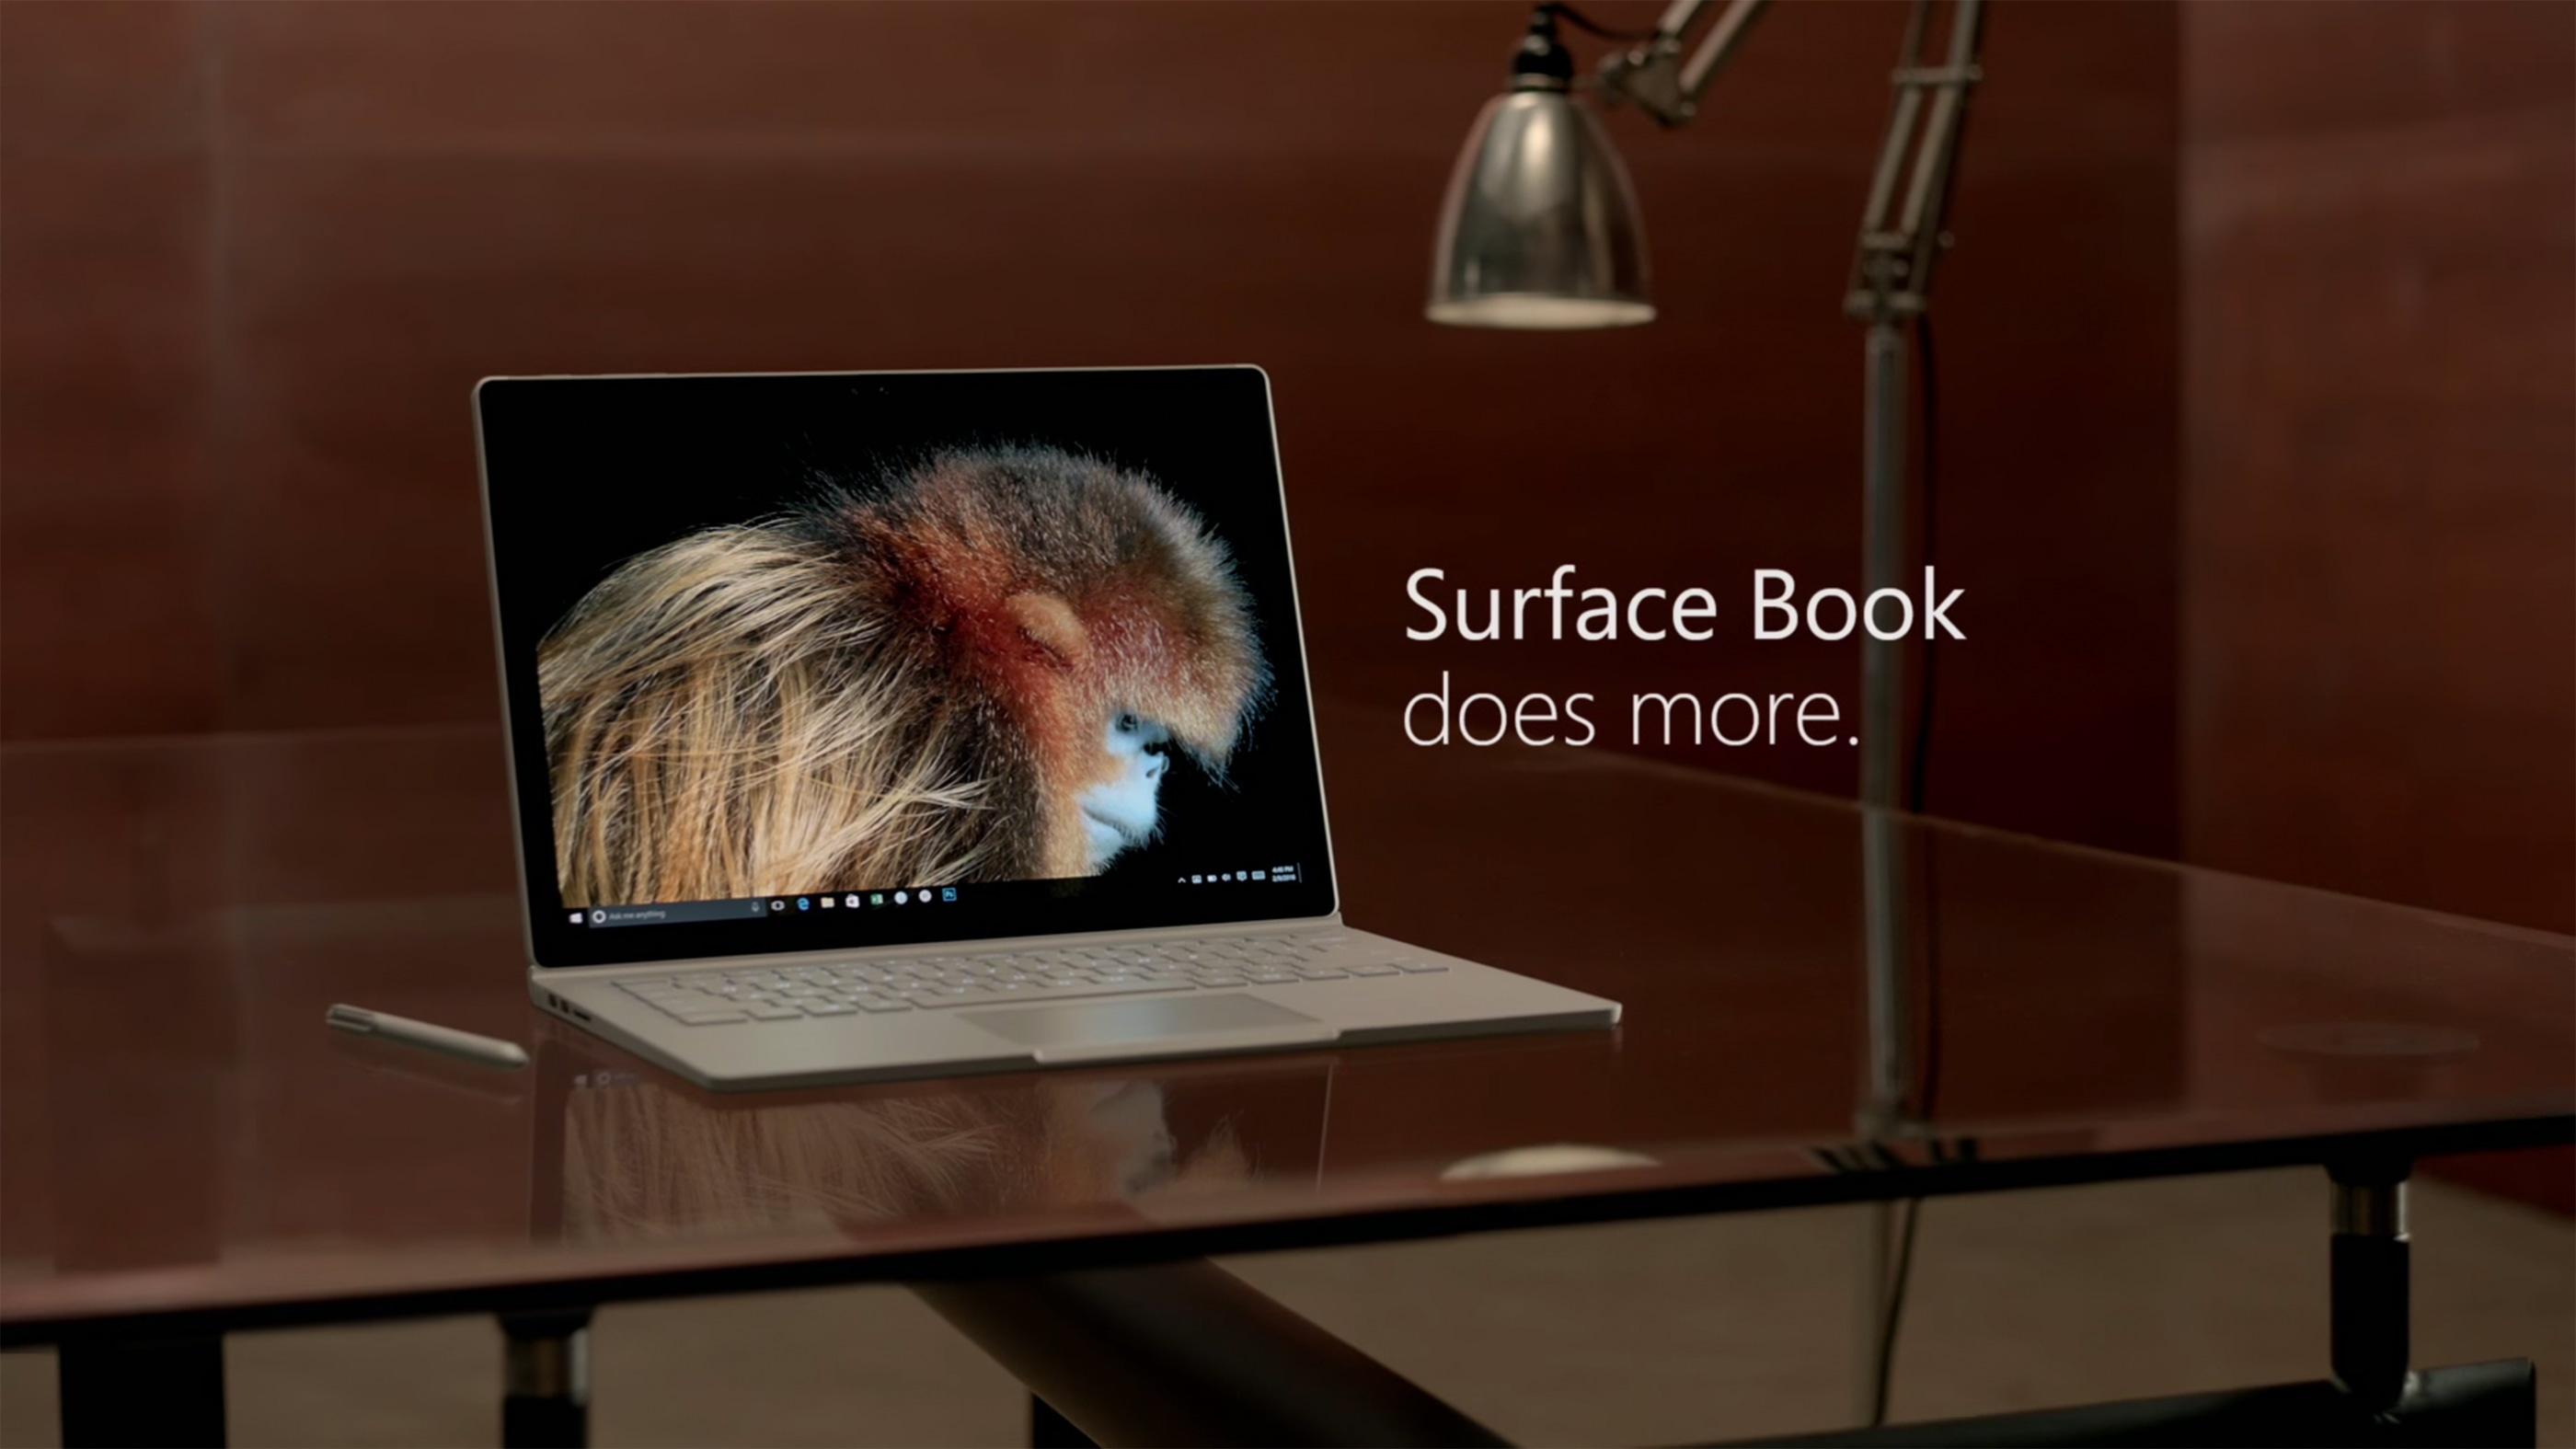 Comercial do Microsoft Surface Book